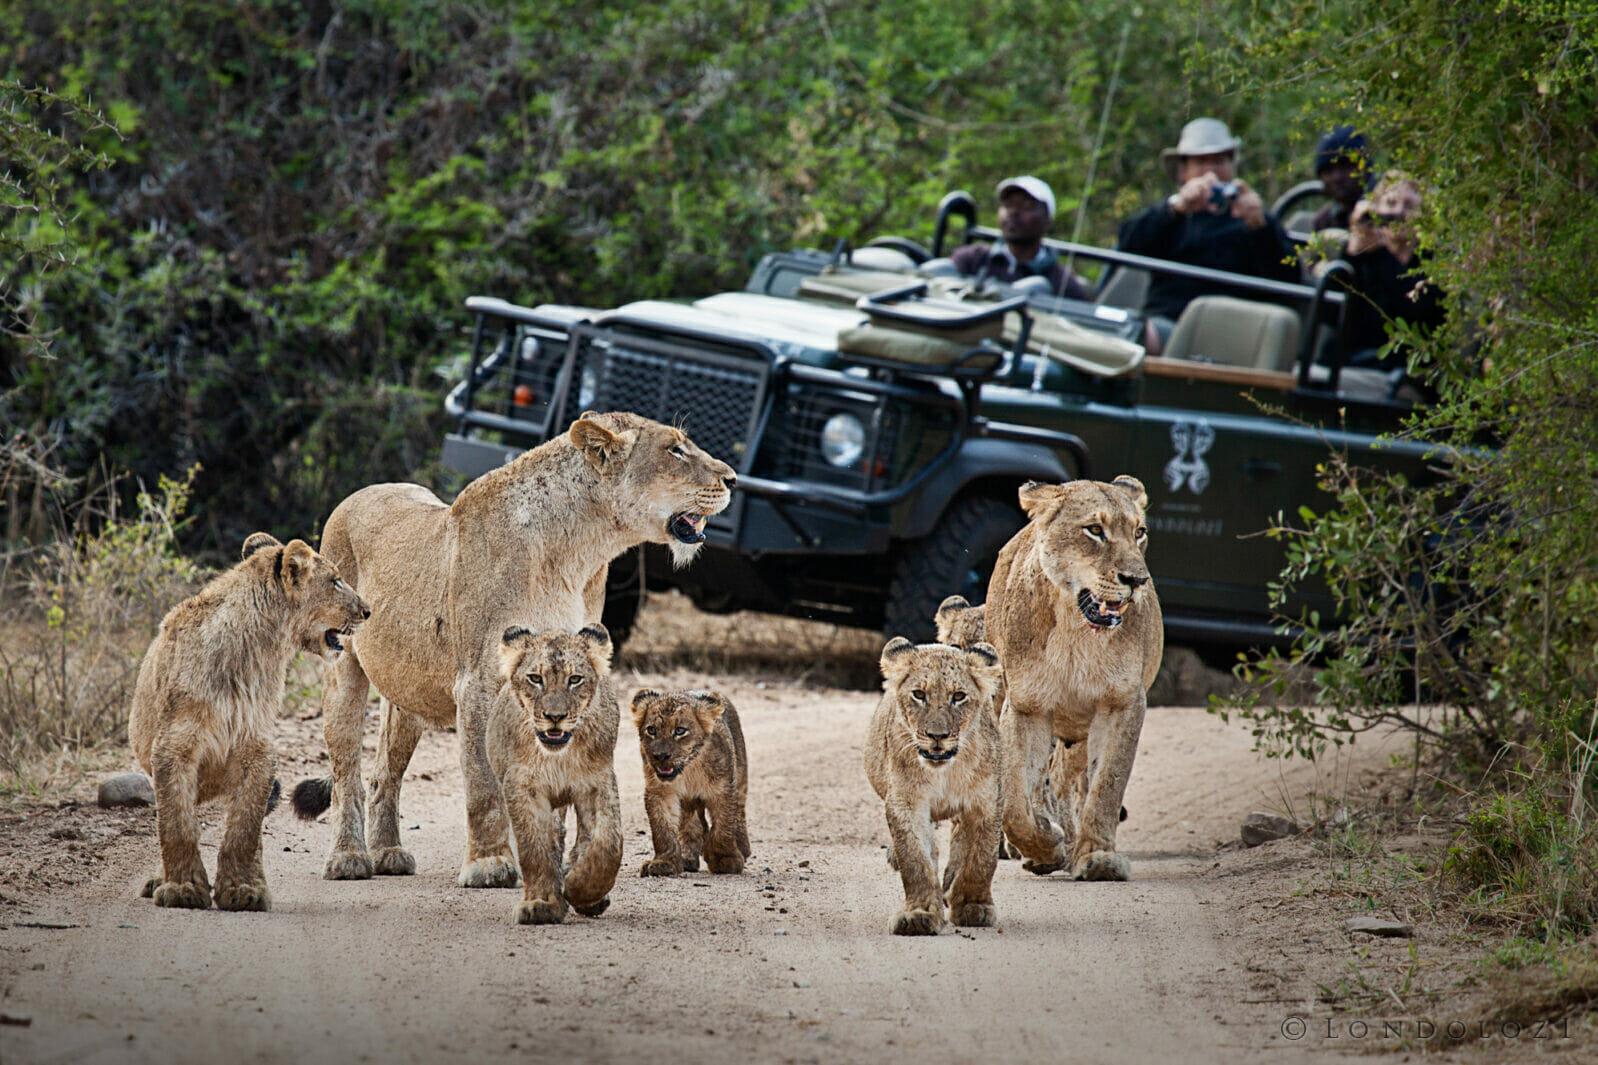 Tsalala Cubs And Vehicle